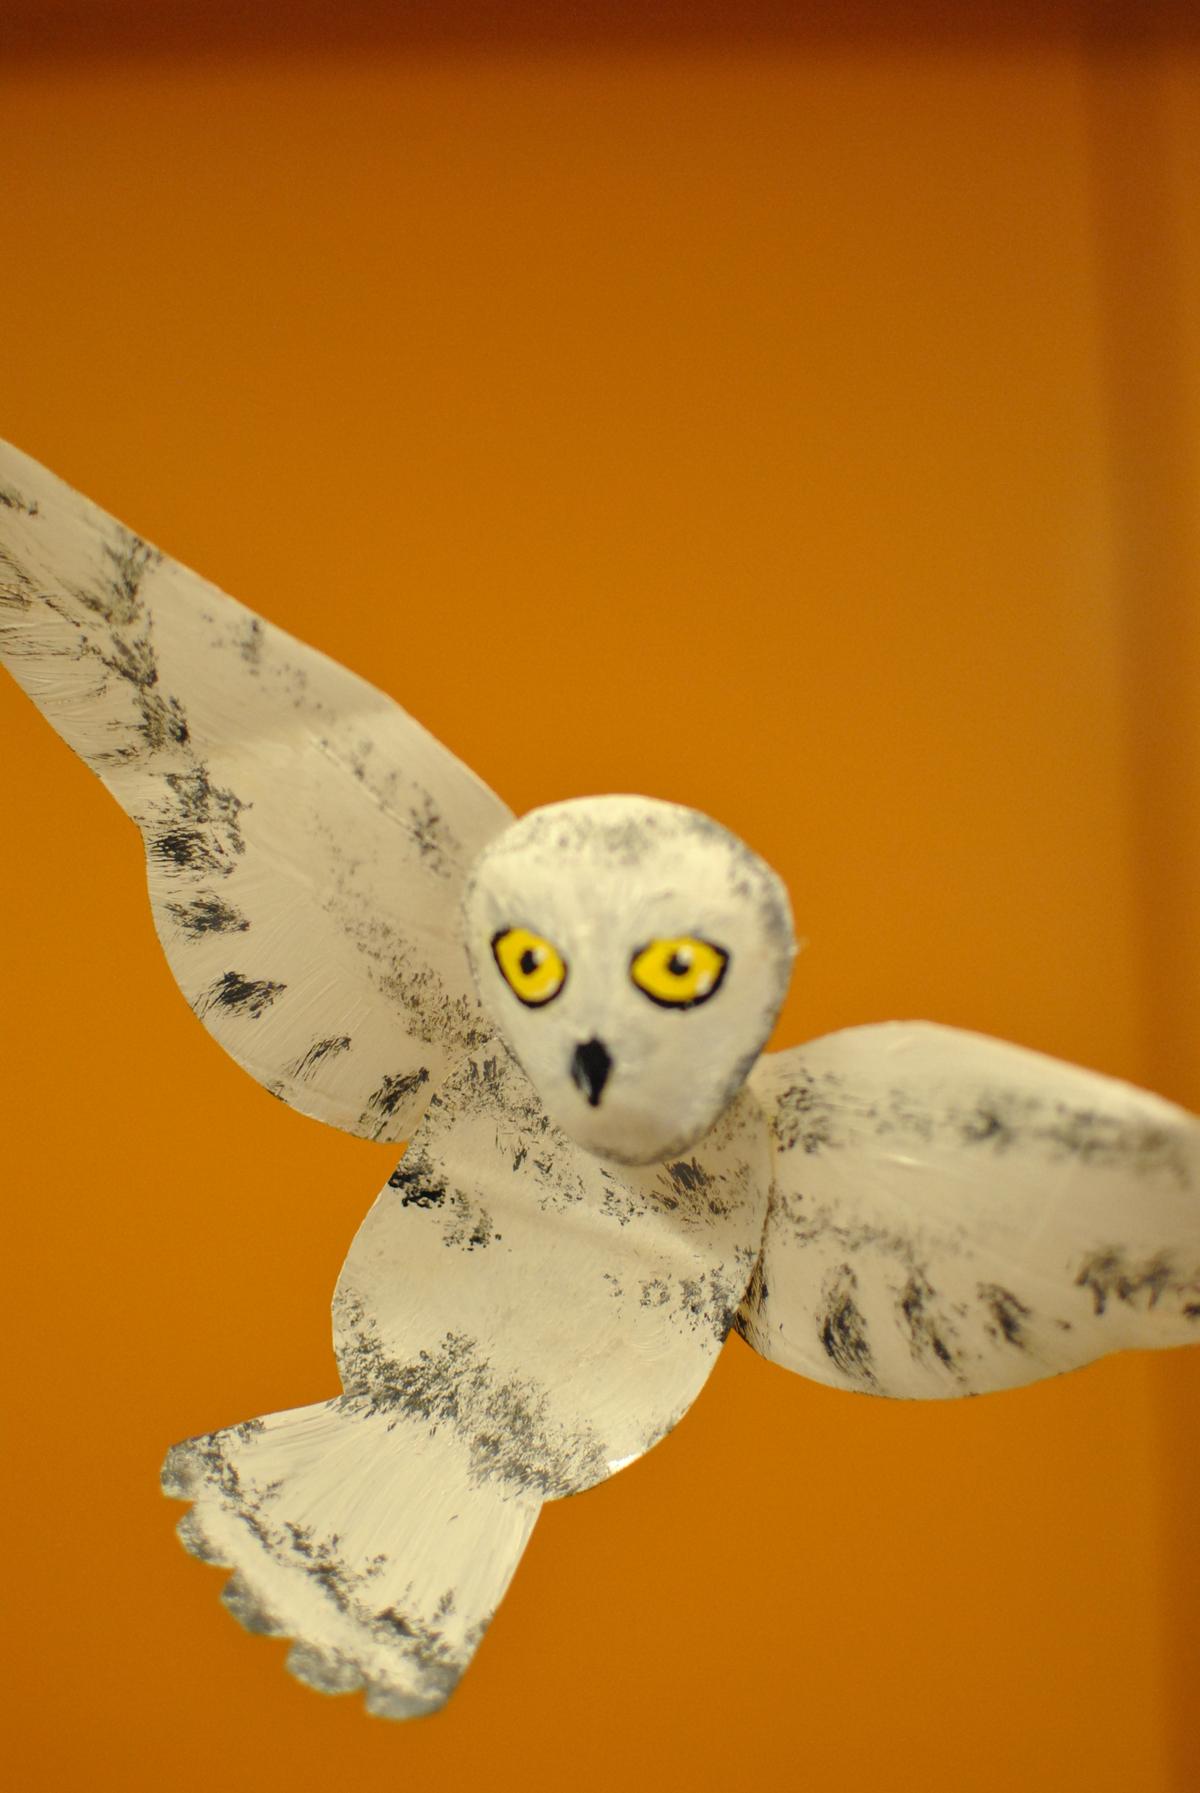 Soda Bottle Snowy Owl (J.E.)